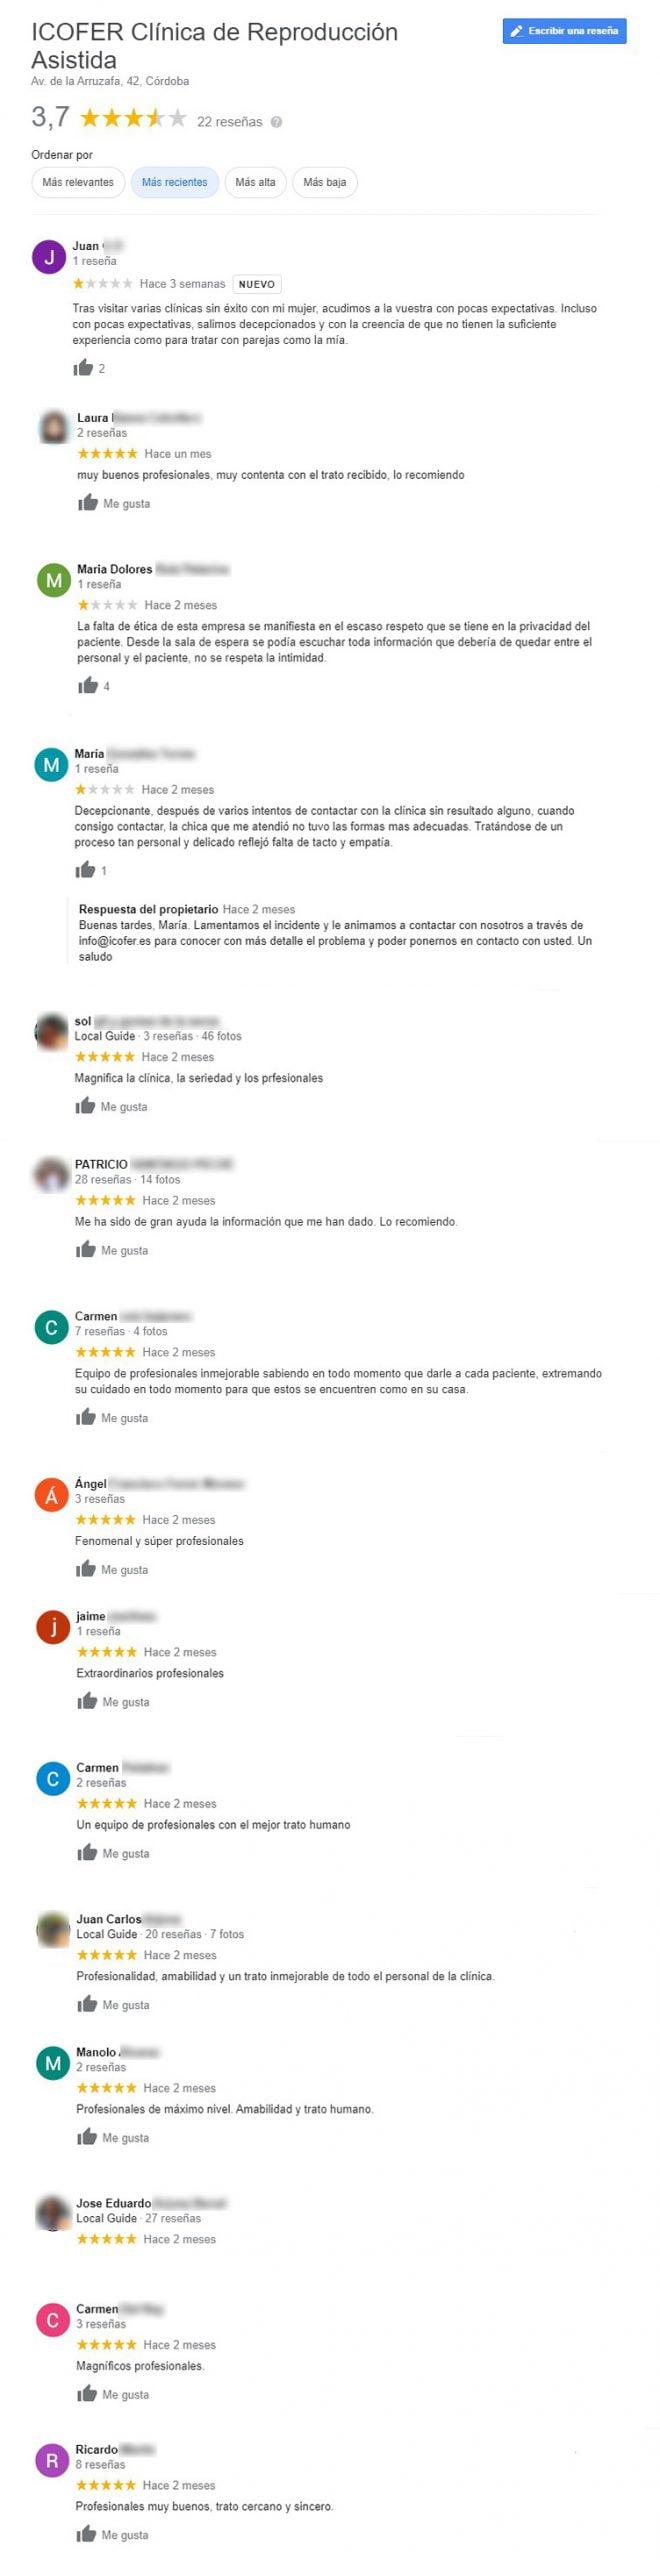 Opiniones sobre la clínica Icofer